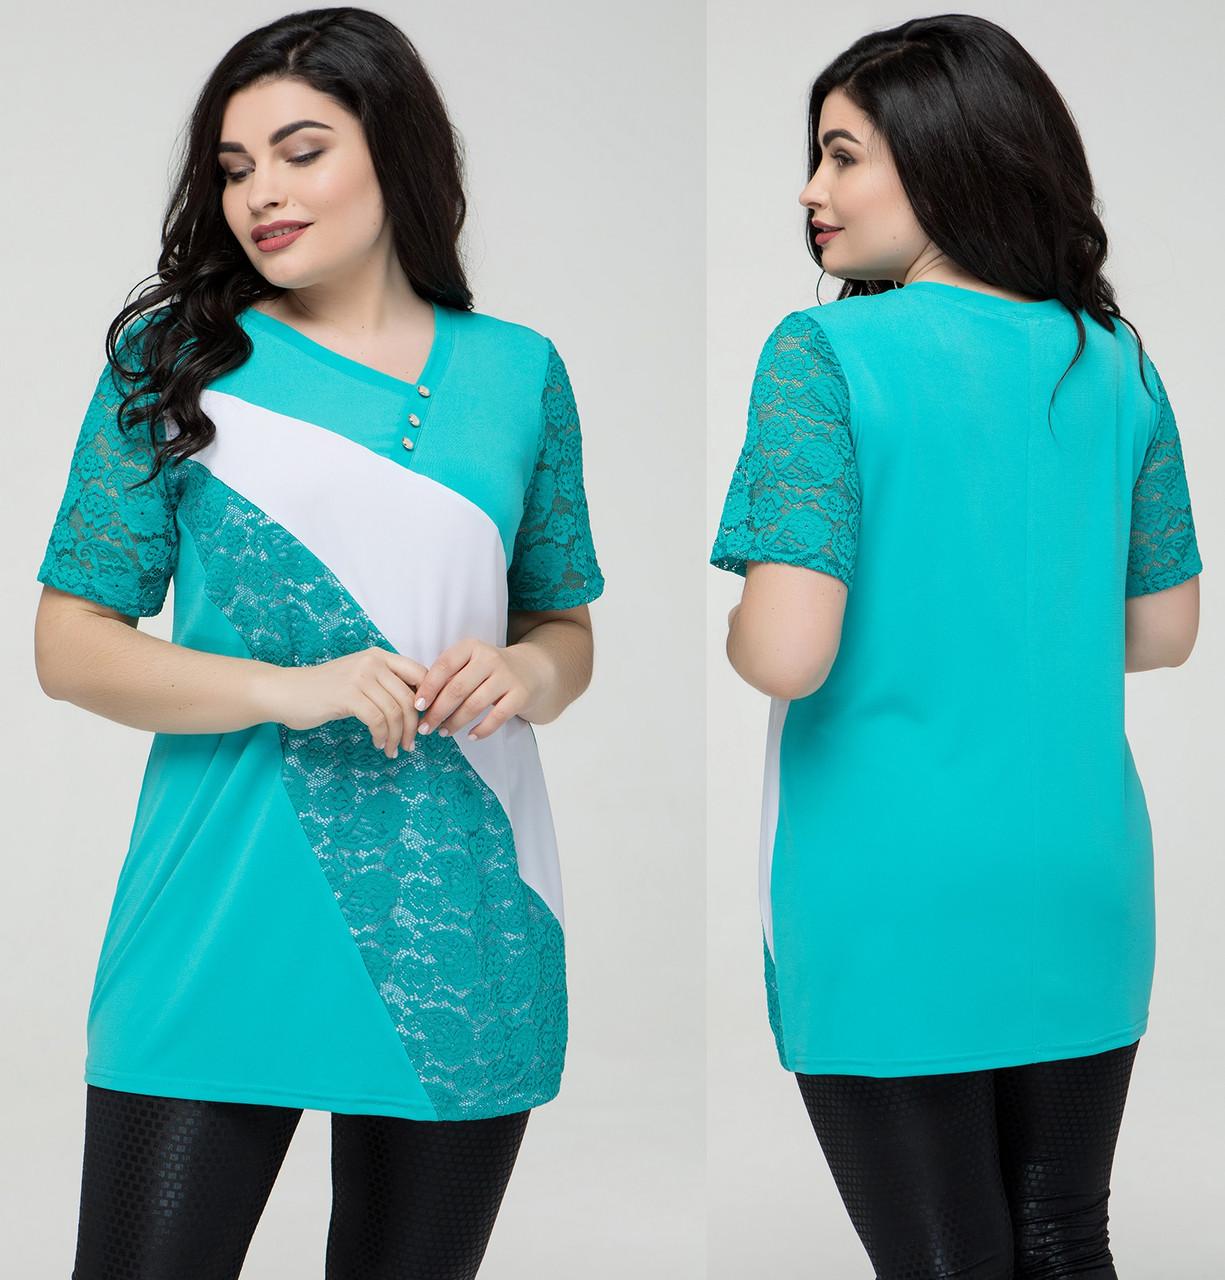 215cb489b765f37 Гипюровая блуза женская нарядная блузка трикотажная летняя больших размеров  (батал), бирюзовая